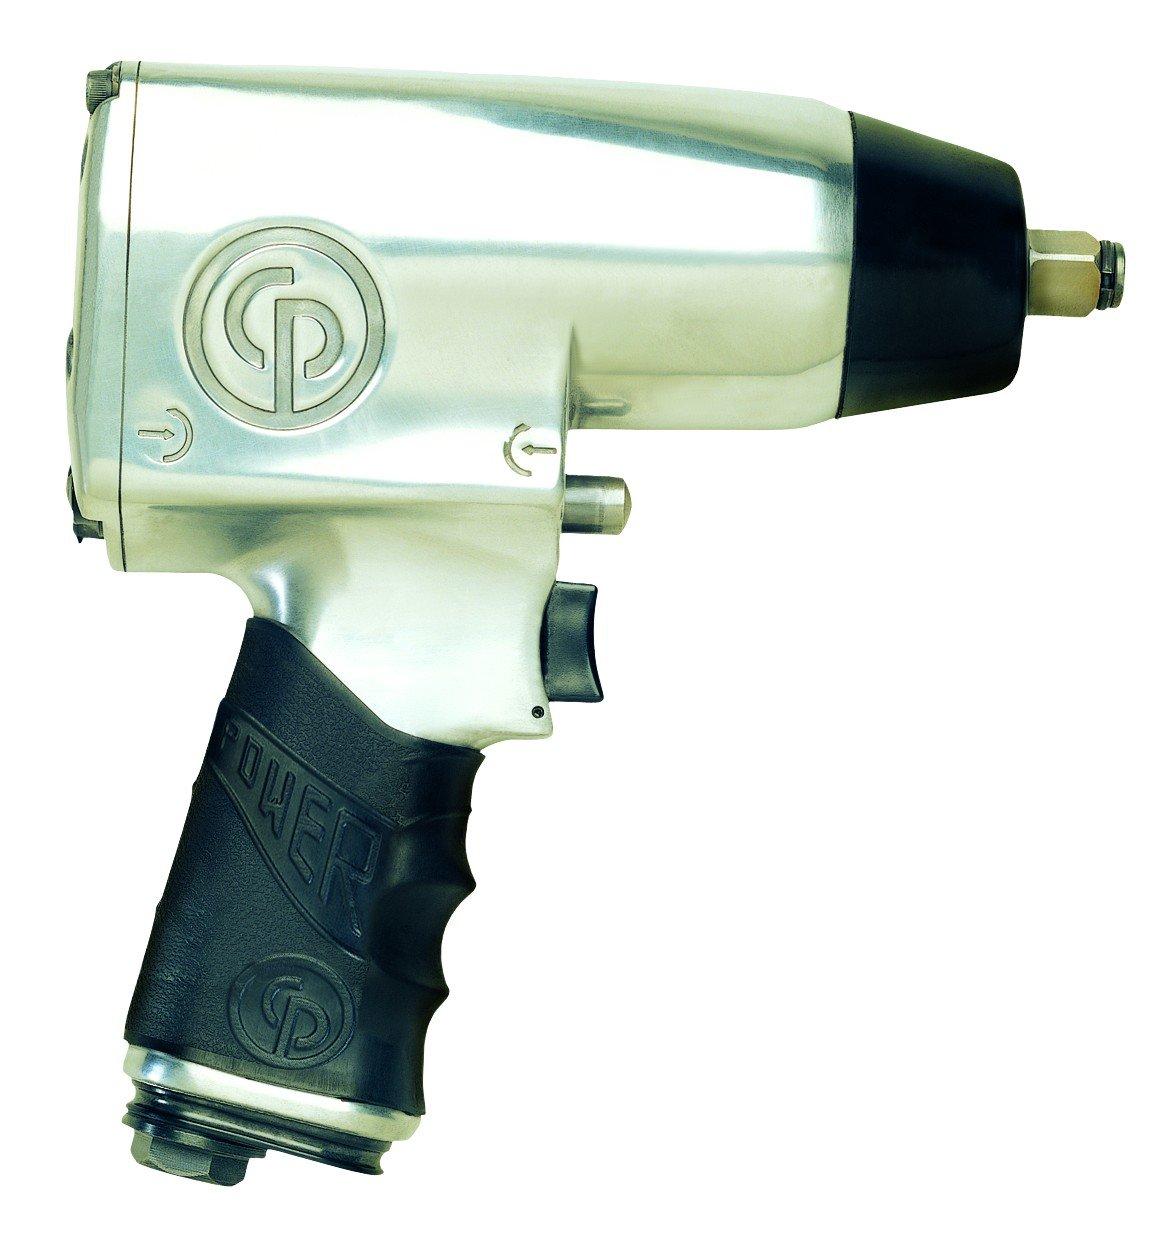 Chicago Pneumatic CP734H - Atornillador de impacto con aire comprimido (1/2 pulgada, 576 Nm máx.)